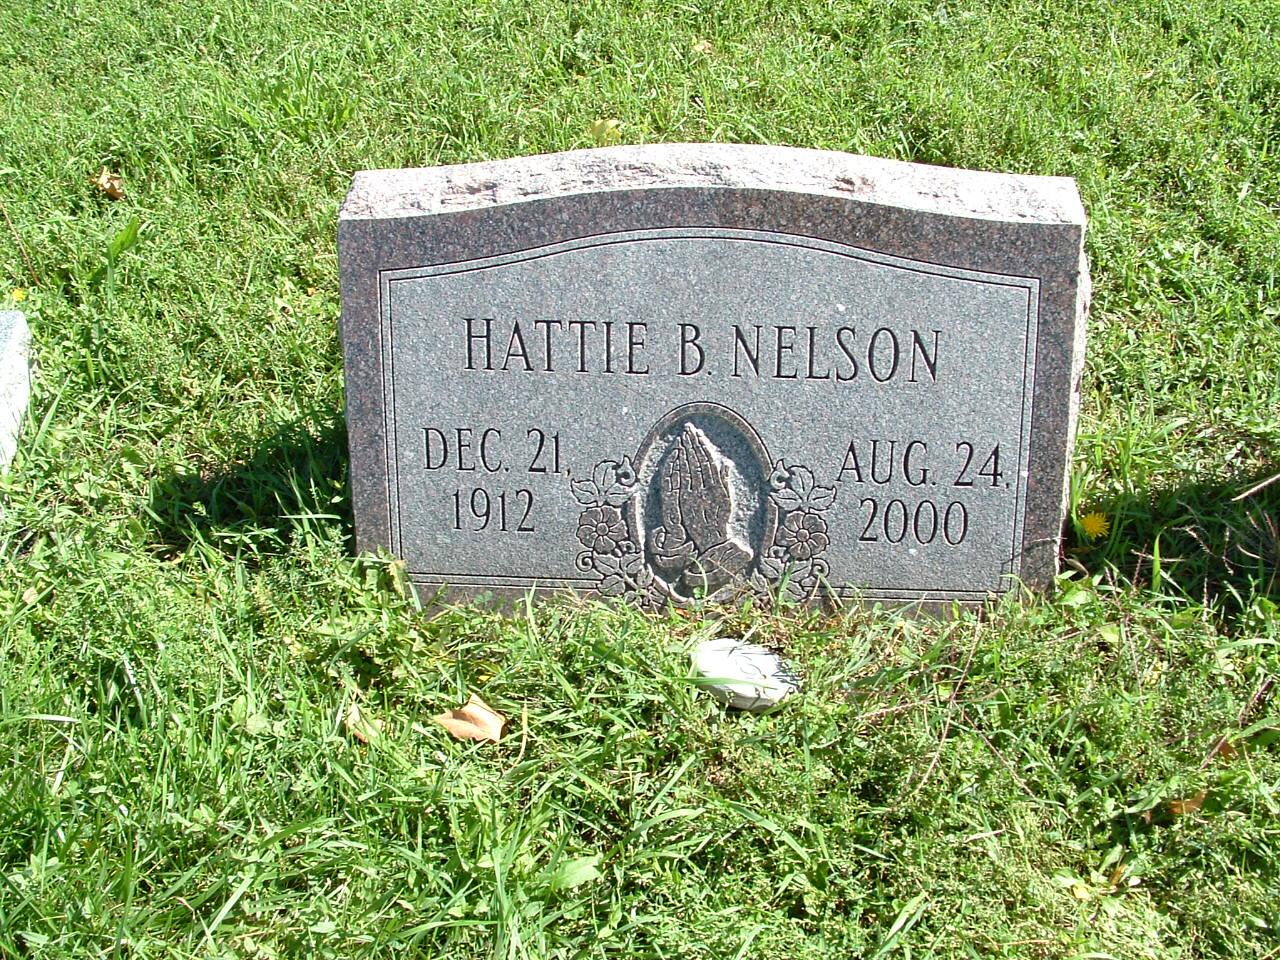 Hattie B. Nelson